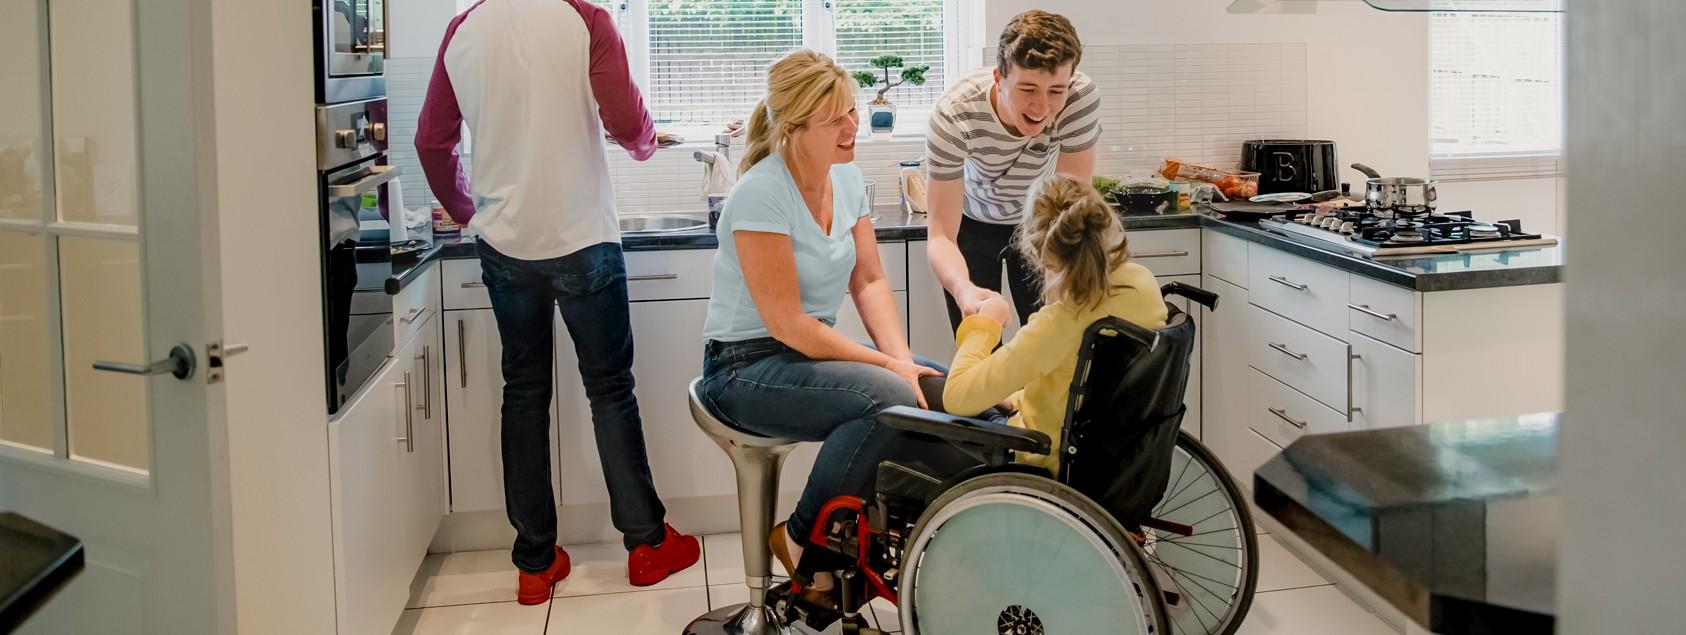 Familie einer Rollstuhlfahrerin in der Küche